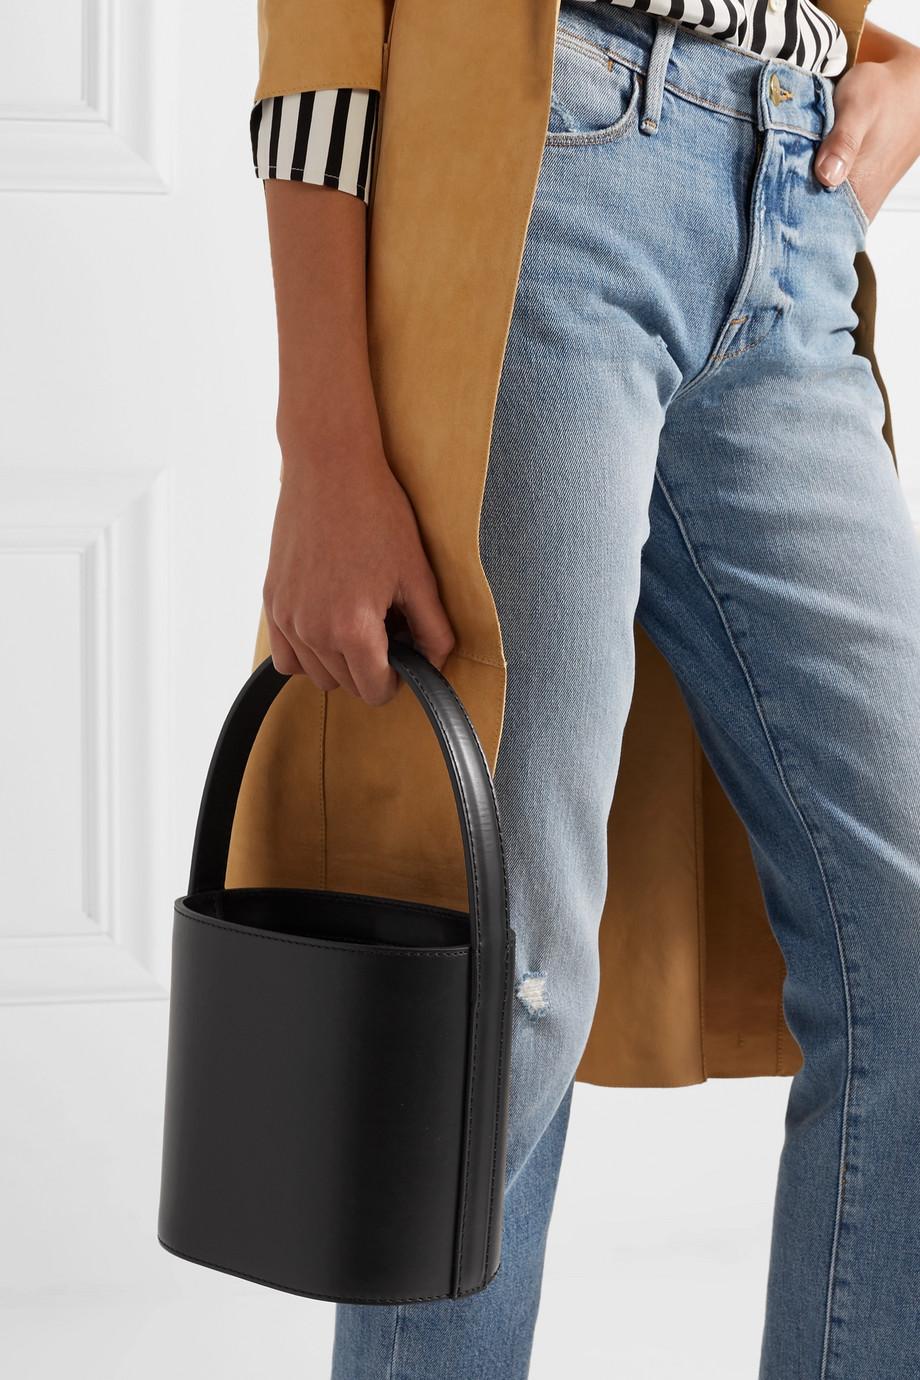 12 mẫu bucket bags tuyệt đẹp cho các nàng cá tính